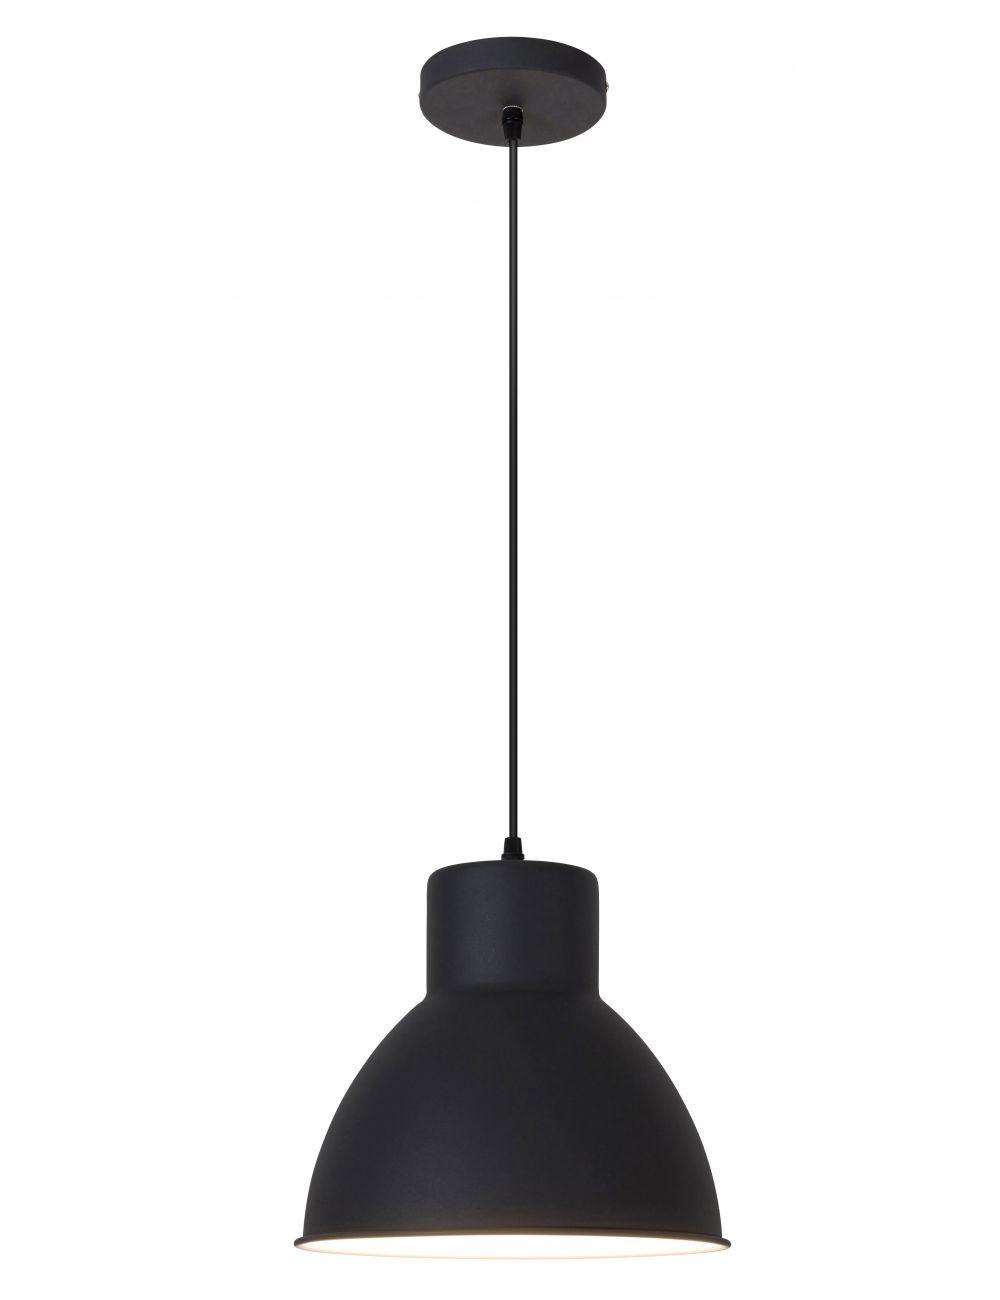 Lampa wisząca metalowa czarna Derek loftowa Rabalux 2578